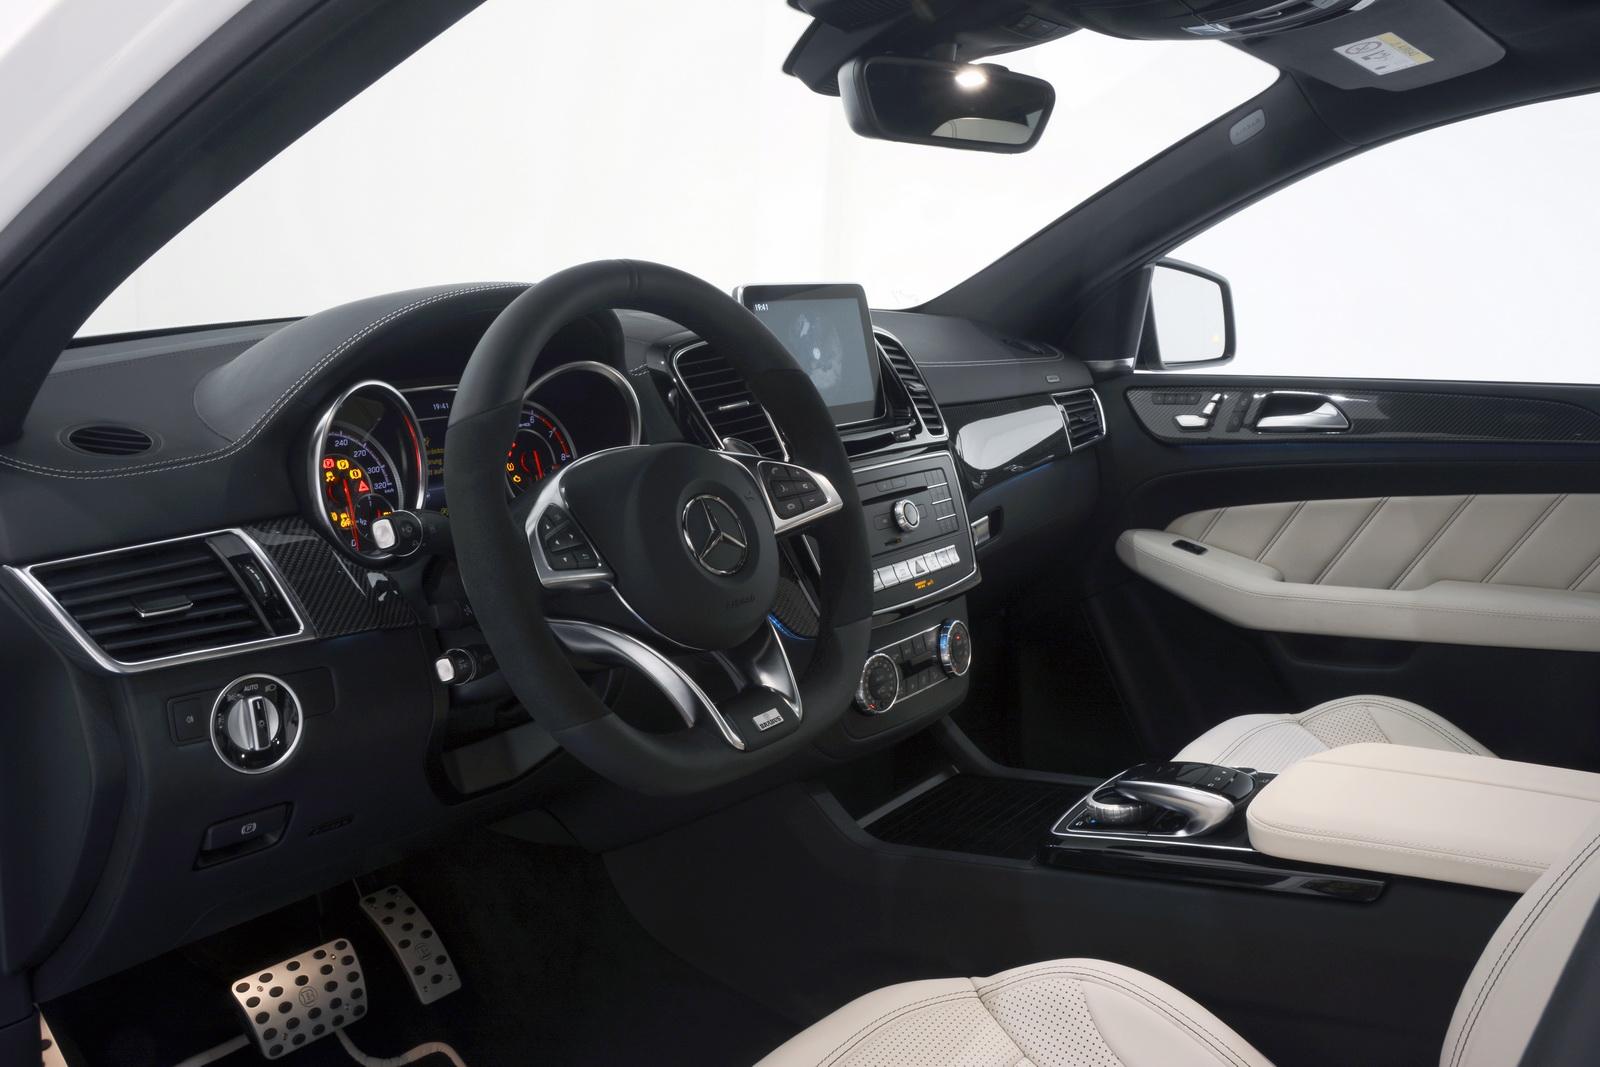 Mercedes-AMG-GLE-63-Coupe-Brabus-850-6.0-Biturbo-4x4-Coupe-23